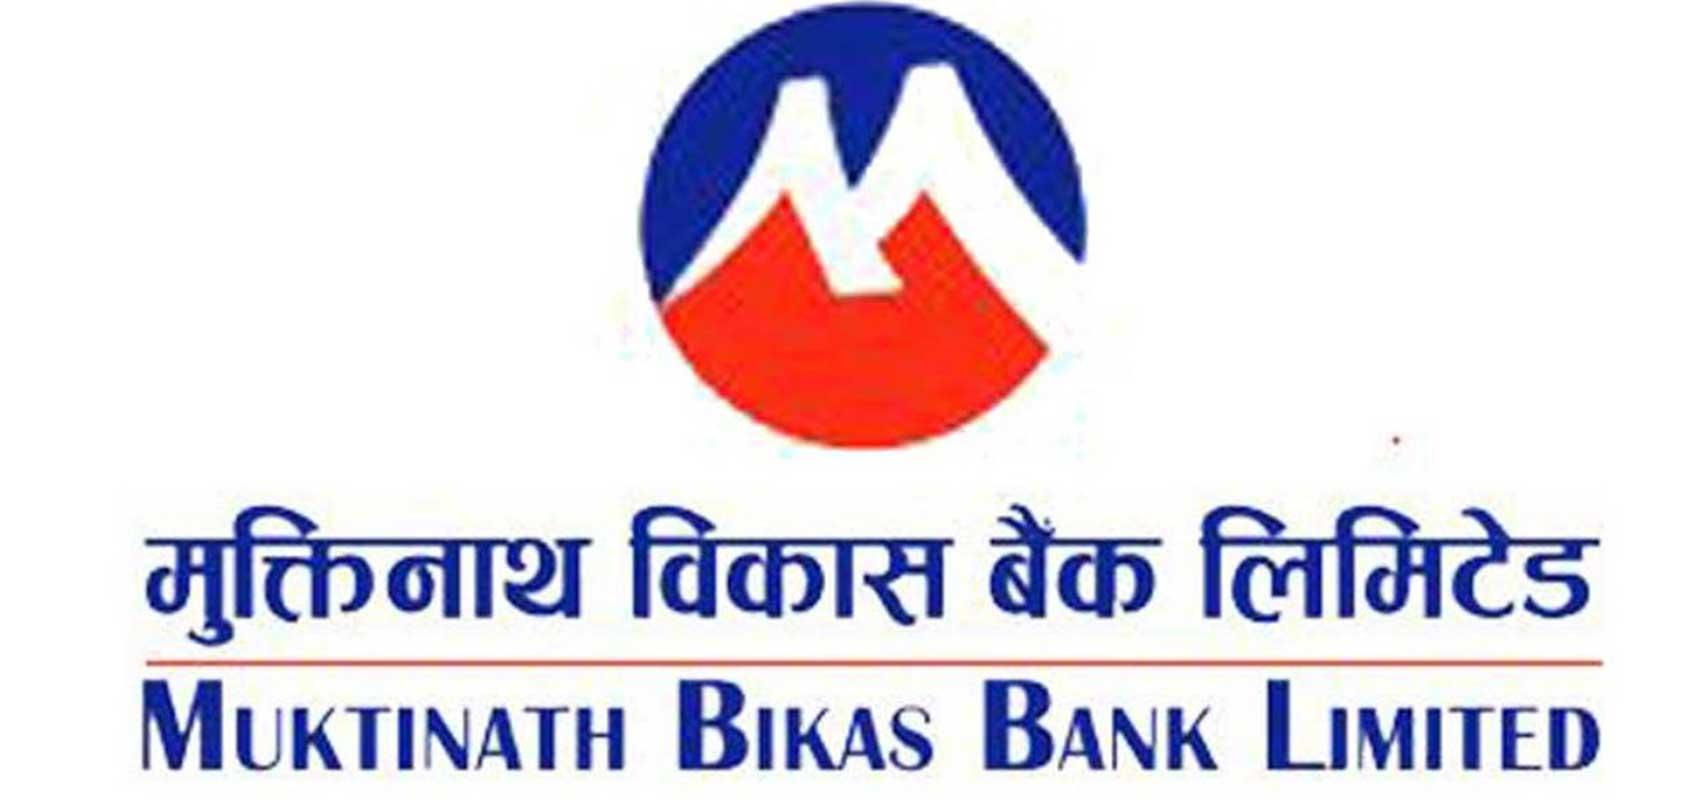 मुक्तिनाथ विकास बैंकले हायर पर्चेज कर्जाको व्याजदर घटायो